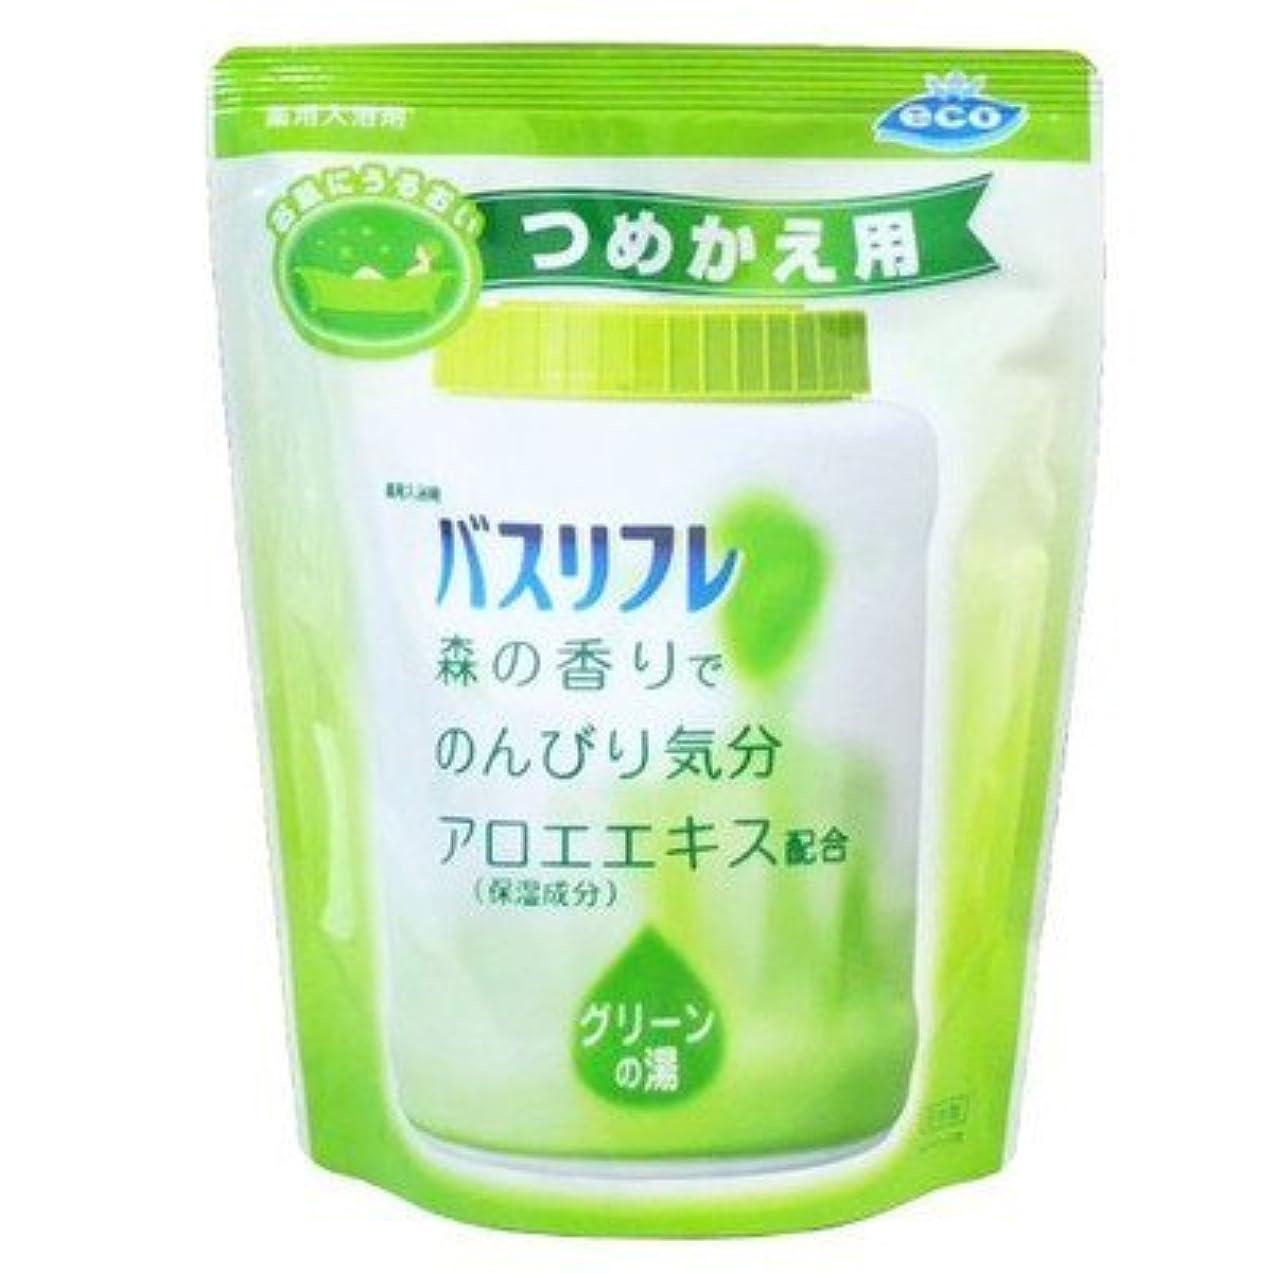 閉じ込める氏結果として薬用入浴剤 バスリフレ グリーンの湯 つめかえ用 540g 森の香り (ライオンケミカル) Japan